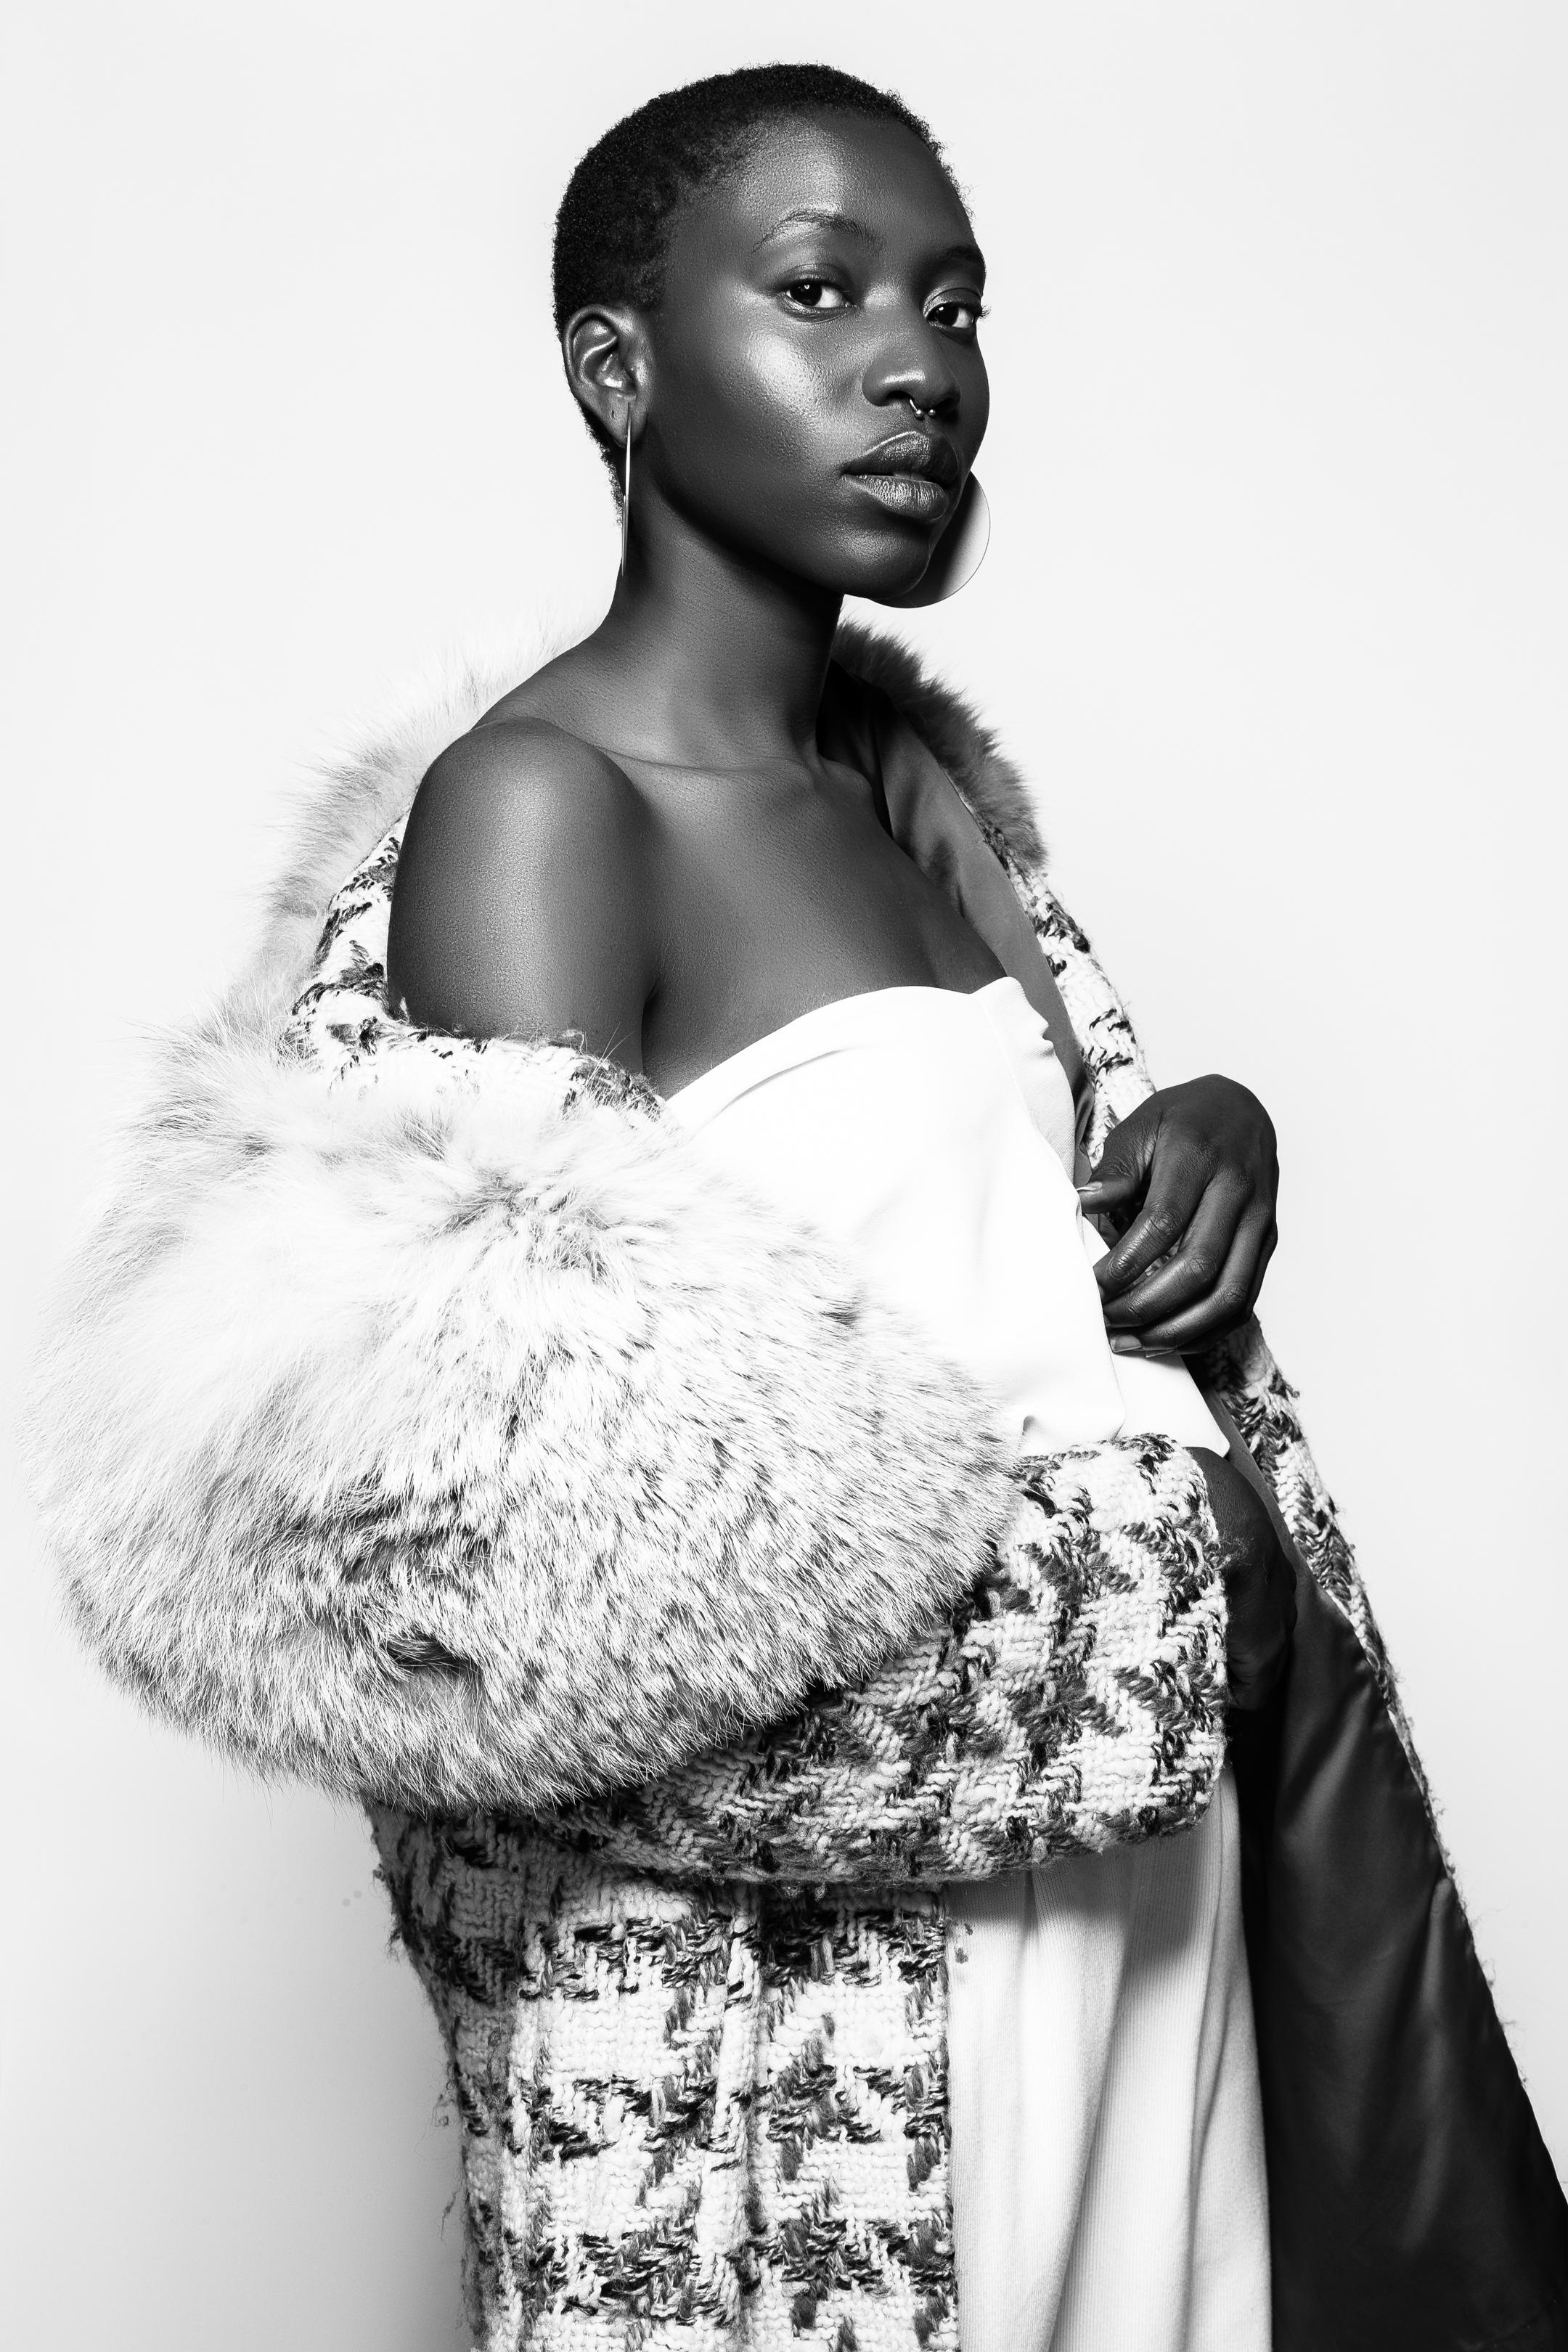 AFRICAN MODEL BEAUTY 1